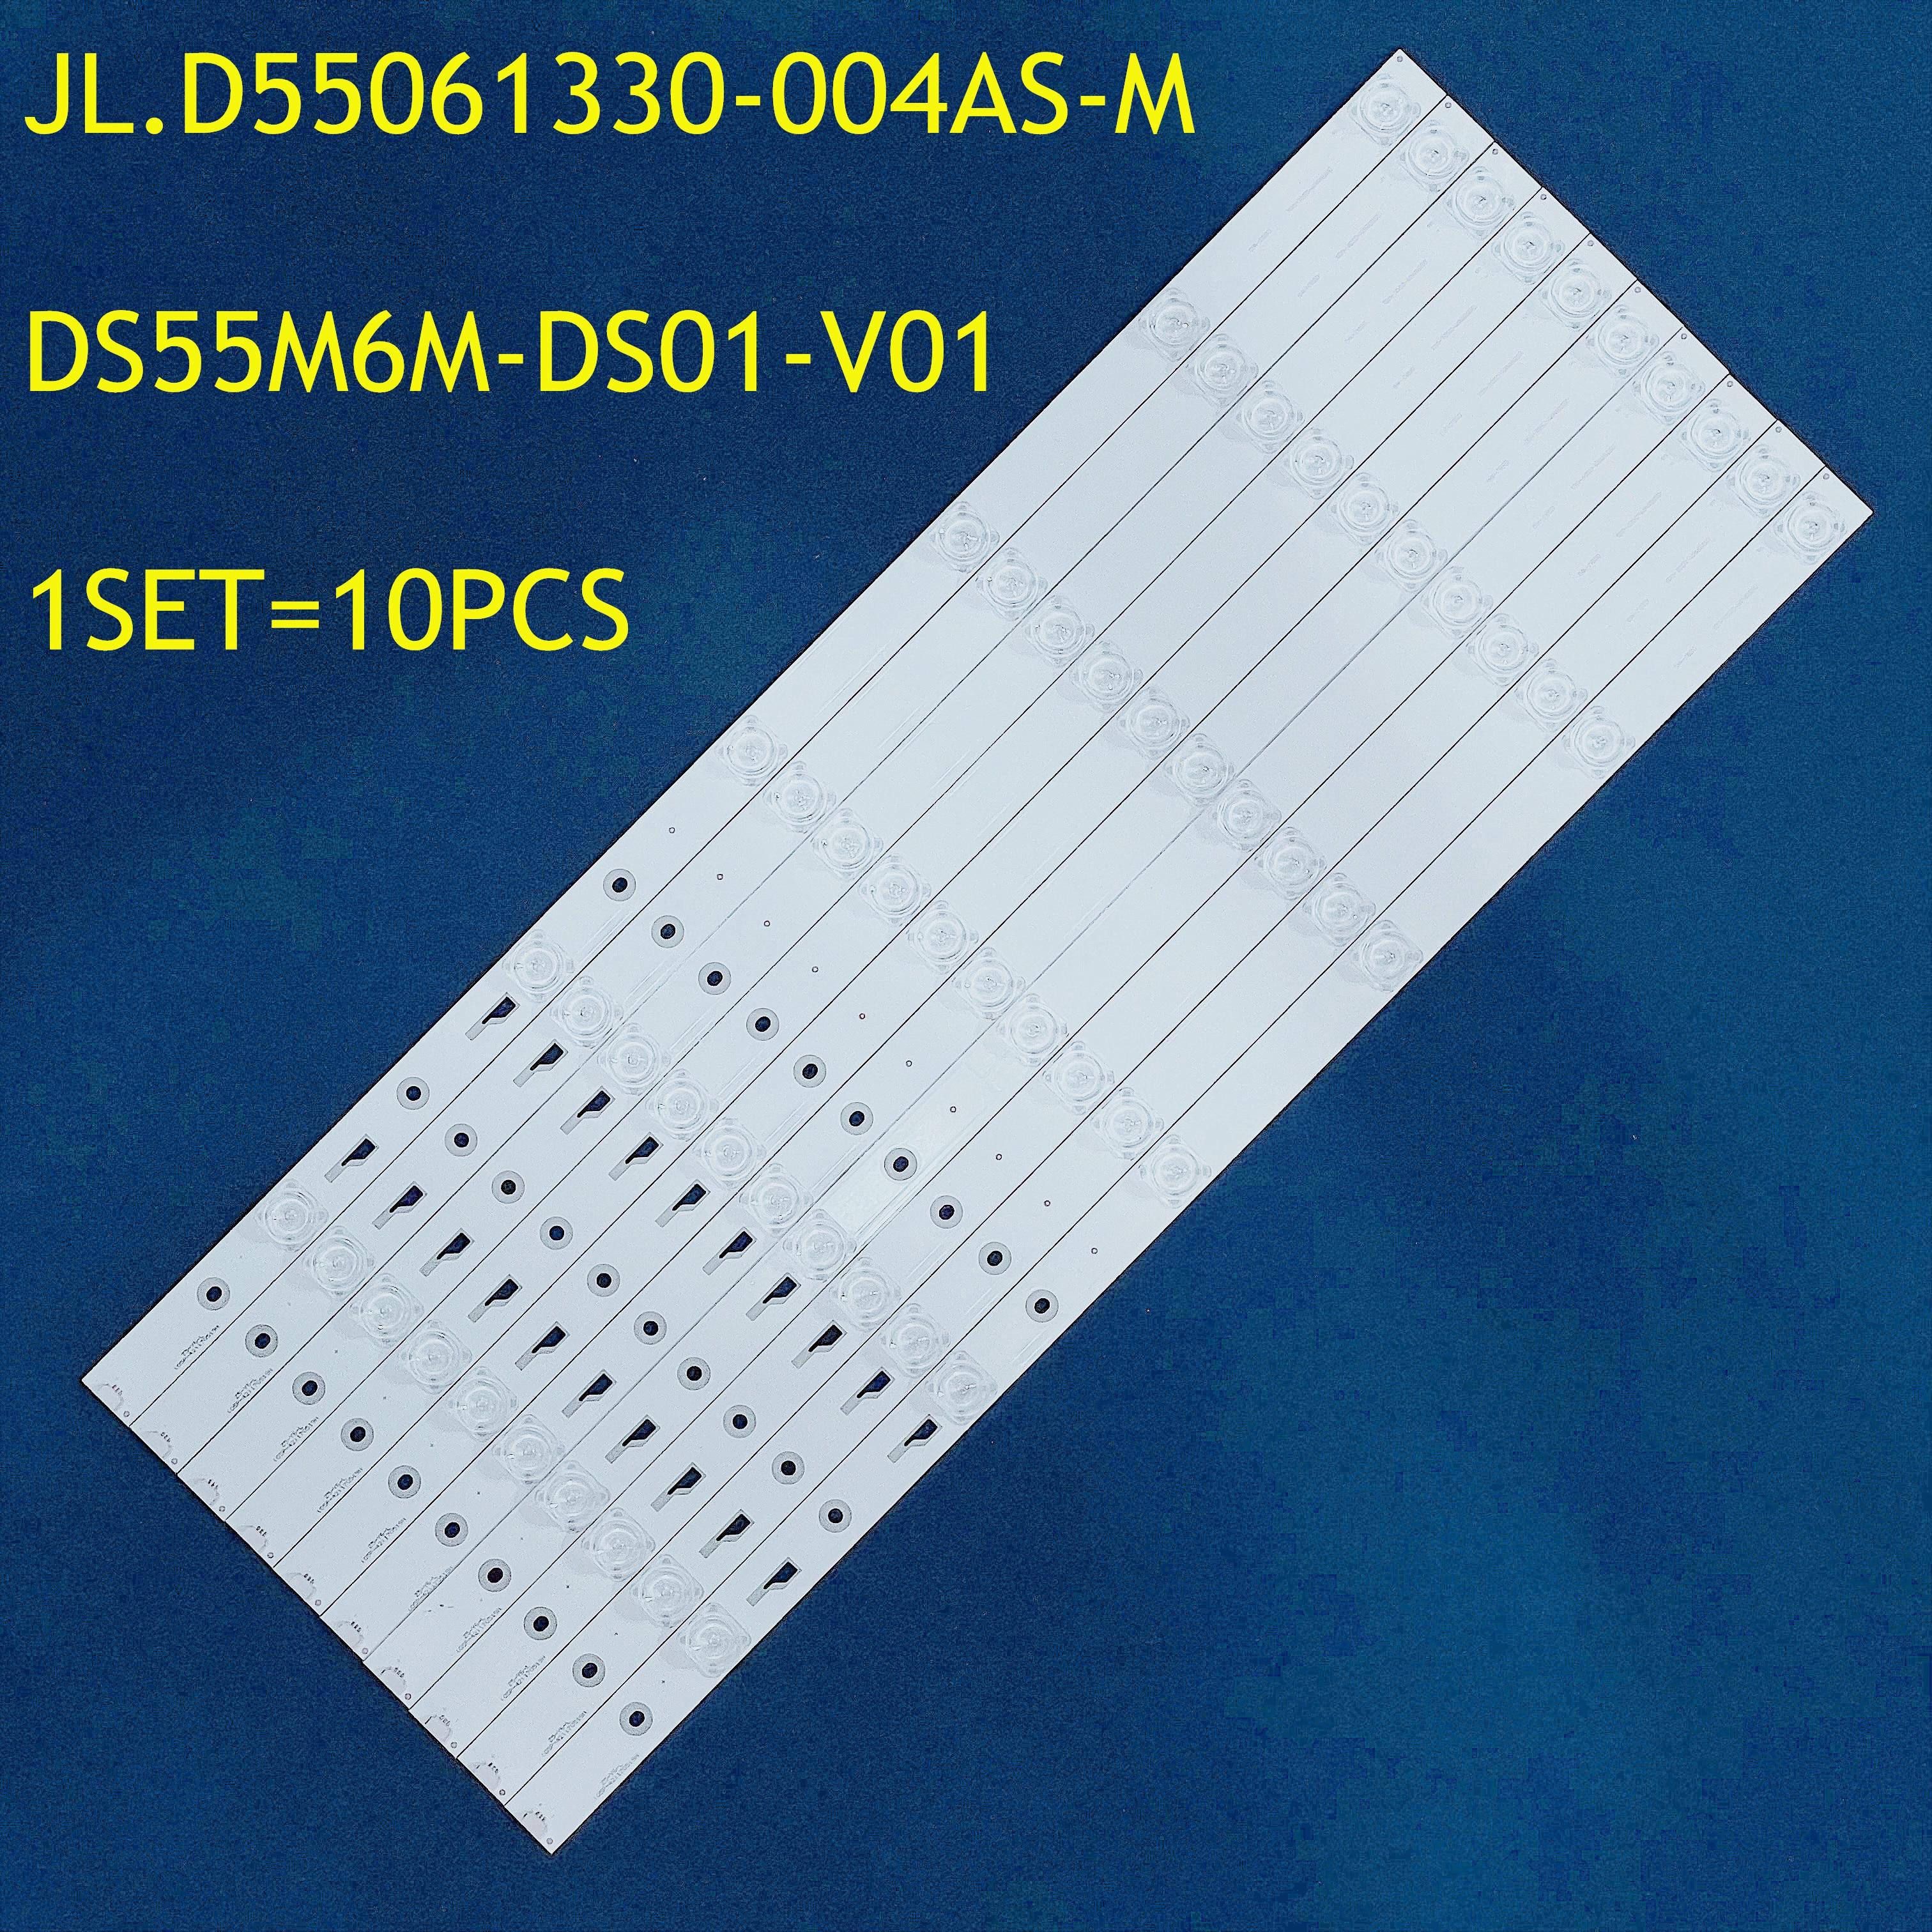 10 قطعة LED الخلفية قطاع ل 55 بوصة اغرى التلفزيون DS55M6M-DS01-V01 DSBJ-WG JL.D55061330-004AS-M B55C51 55X4 55X 55R4 55A15A T55FUK